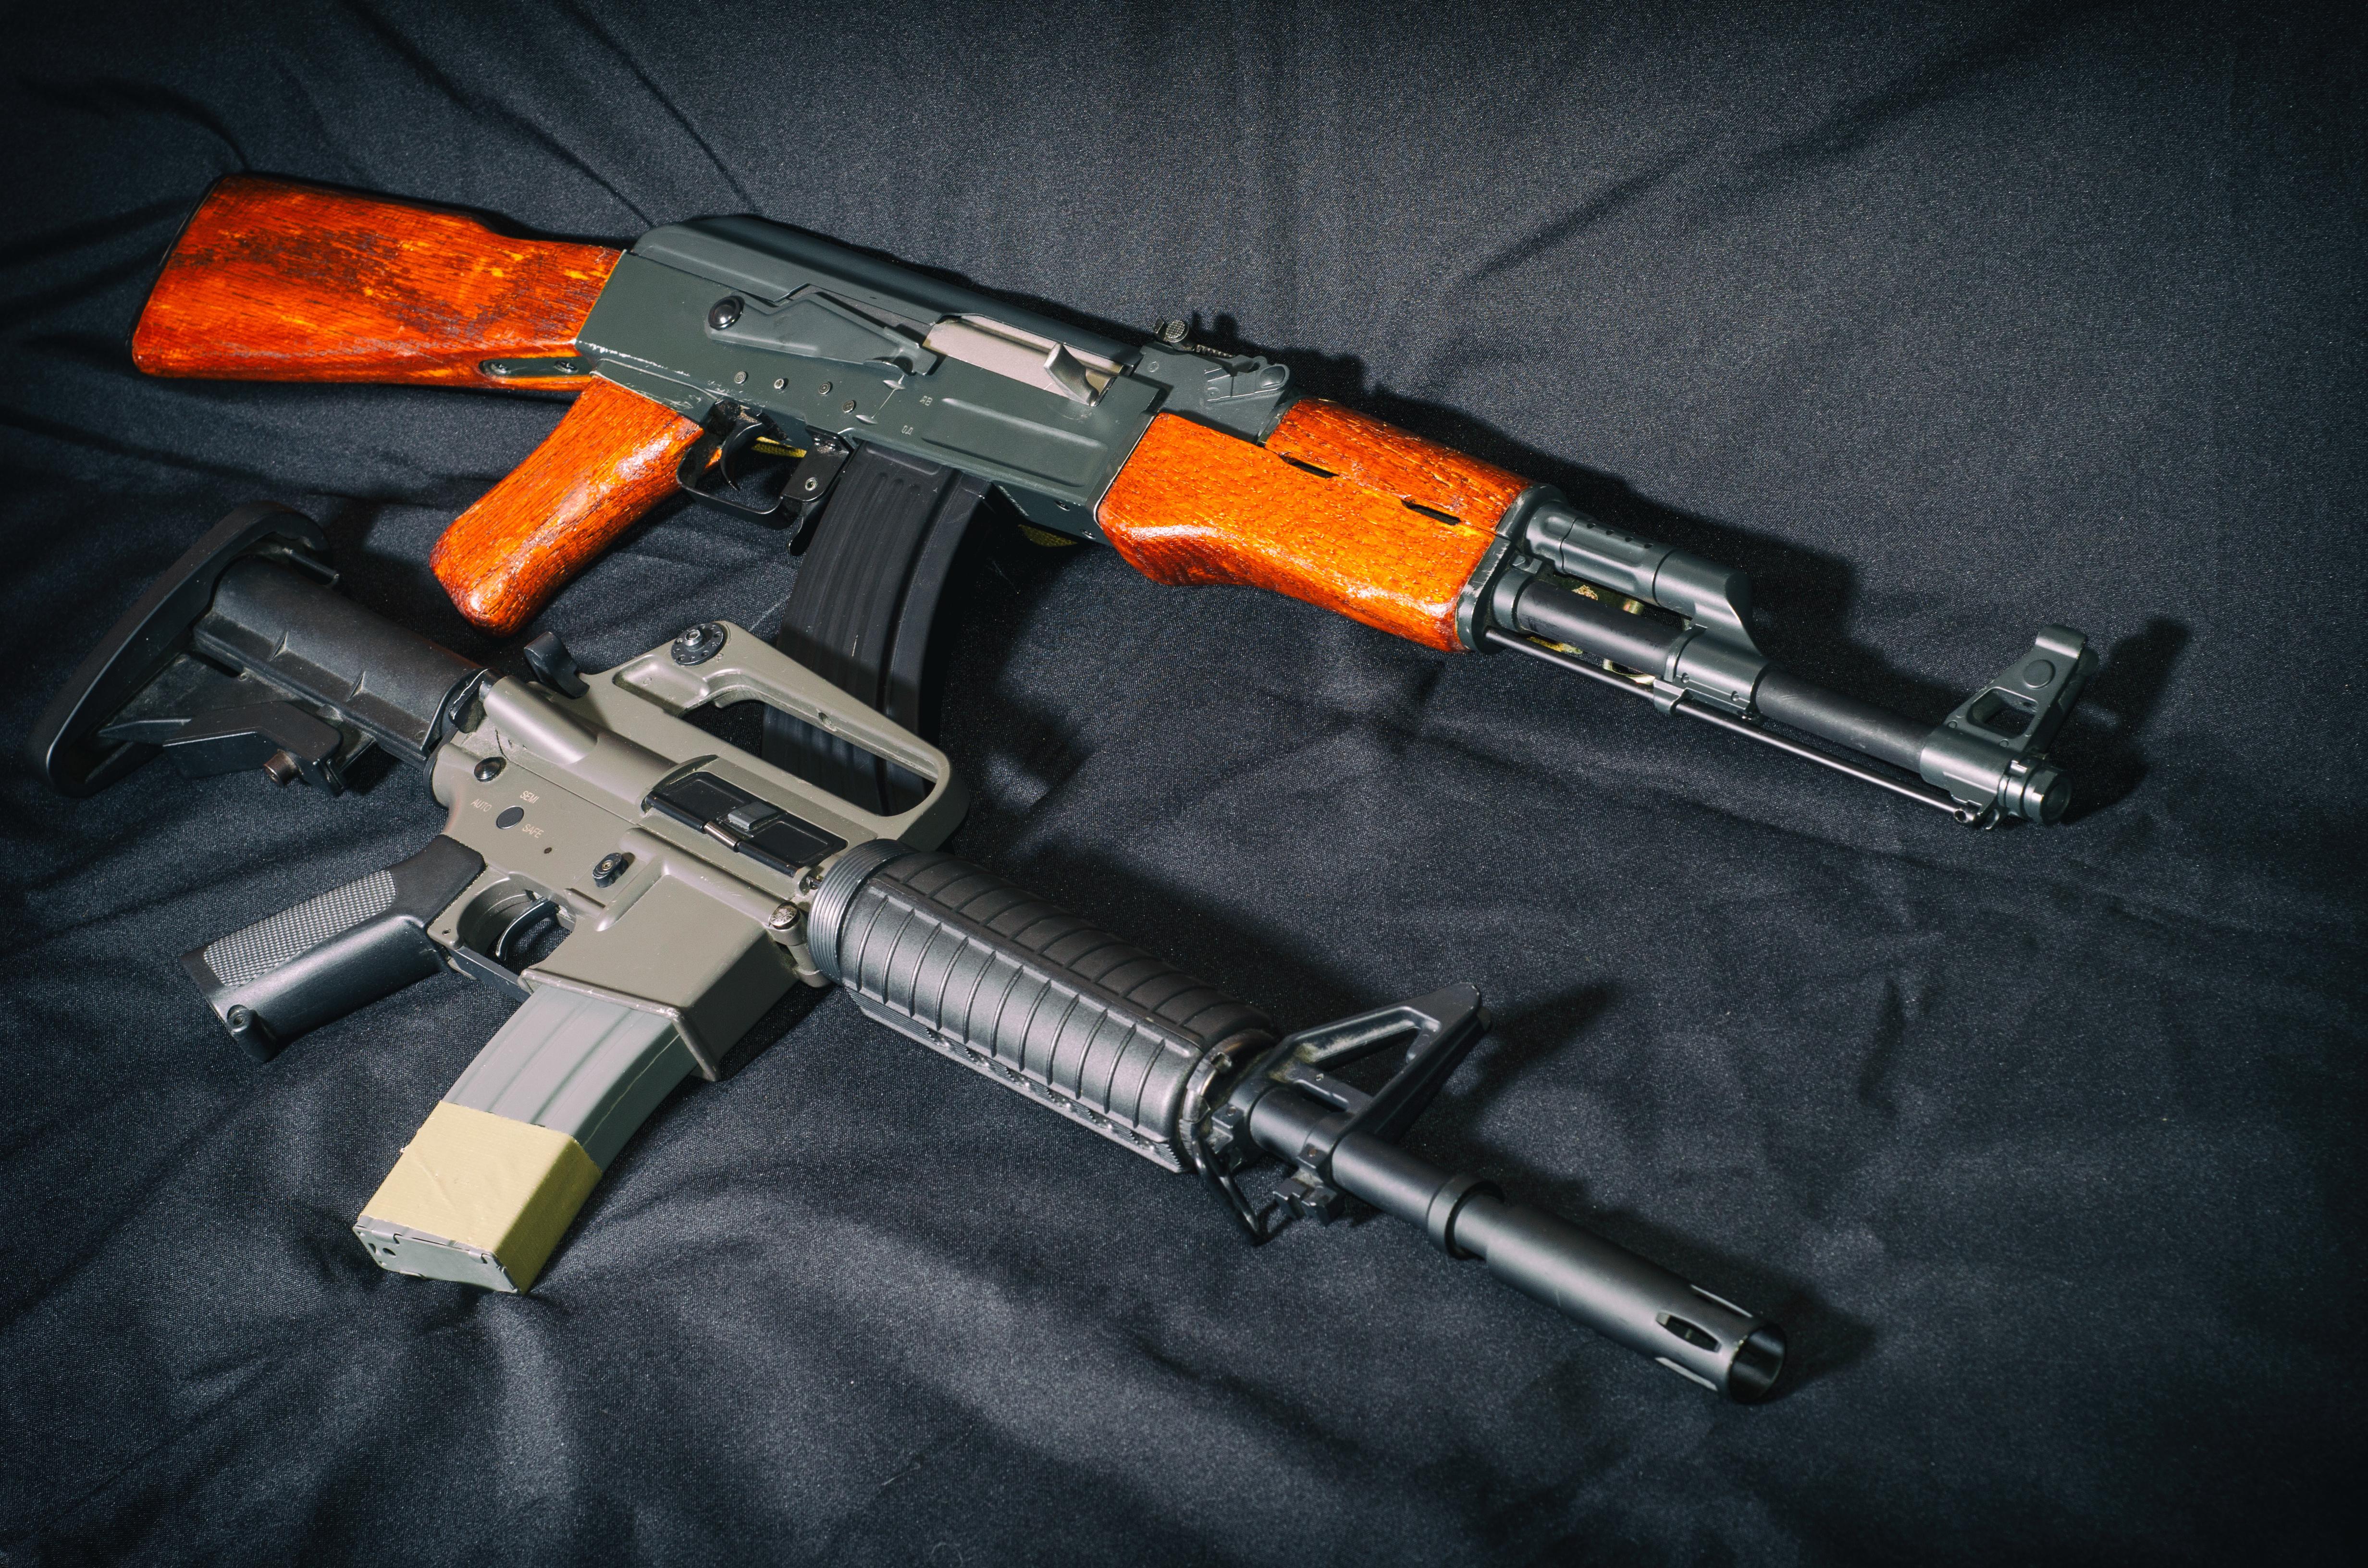 Porovnání ikonických pušek – AR15 vs. AK47